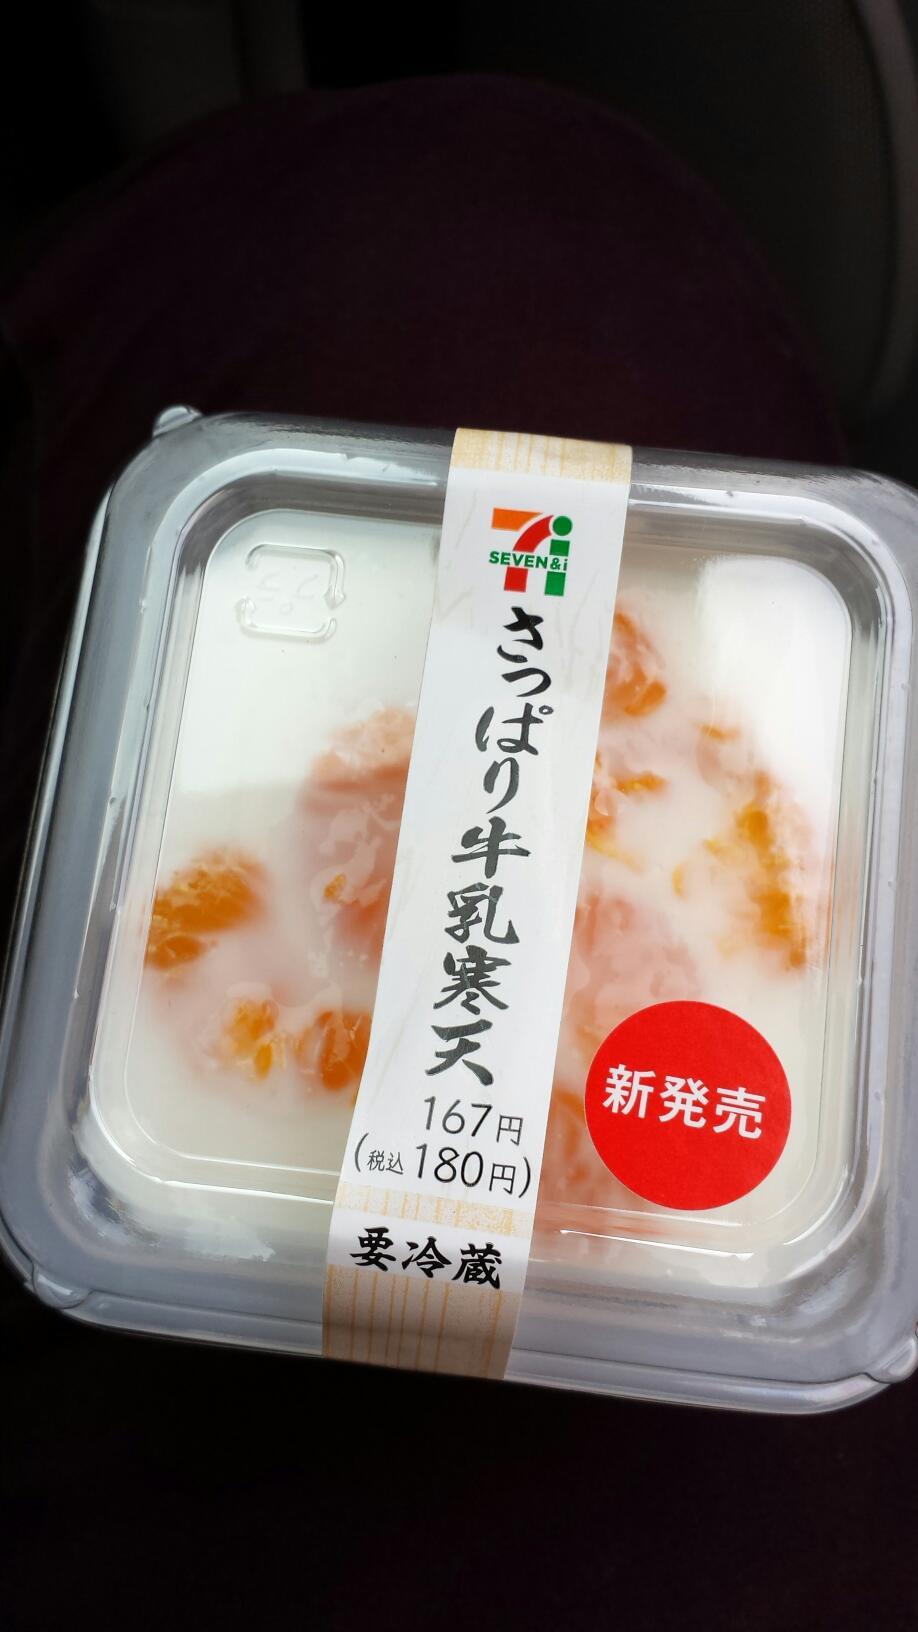 「さっぱり牛乳寒天」はマジでさっぱり!!味、価格、カロリーは?【セブンイレブン】